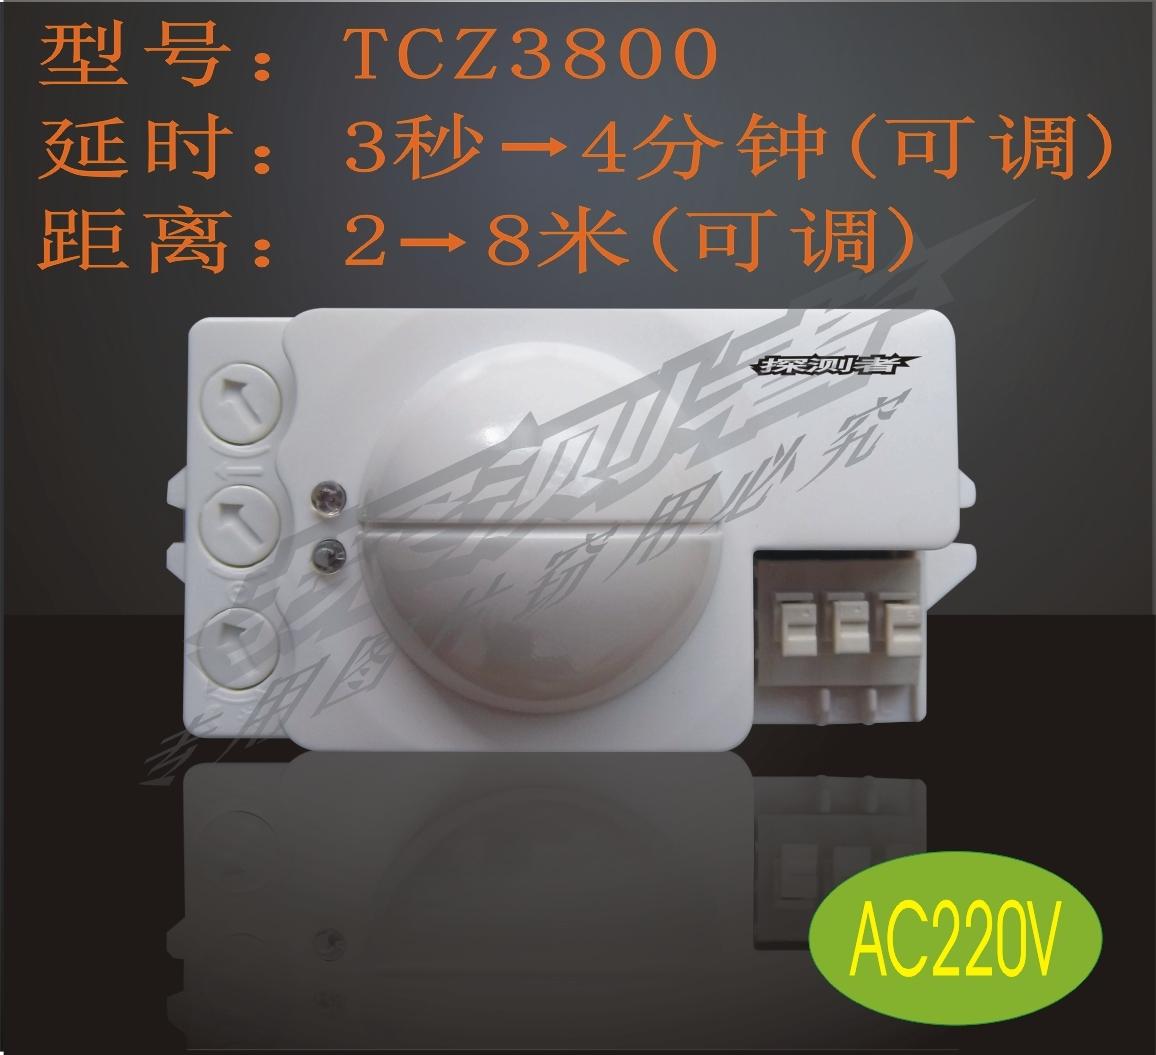 ИК-выключатель Surveyor  AC 220V/3800